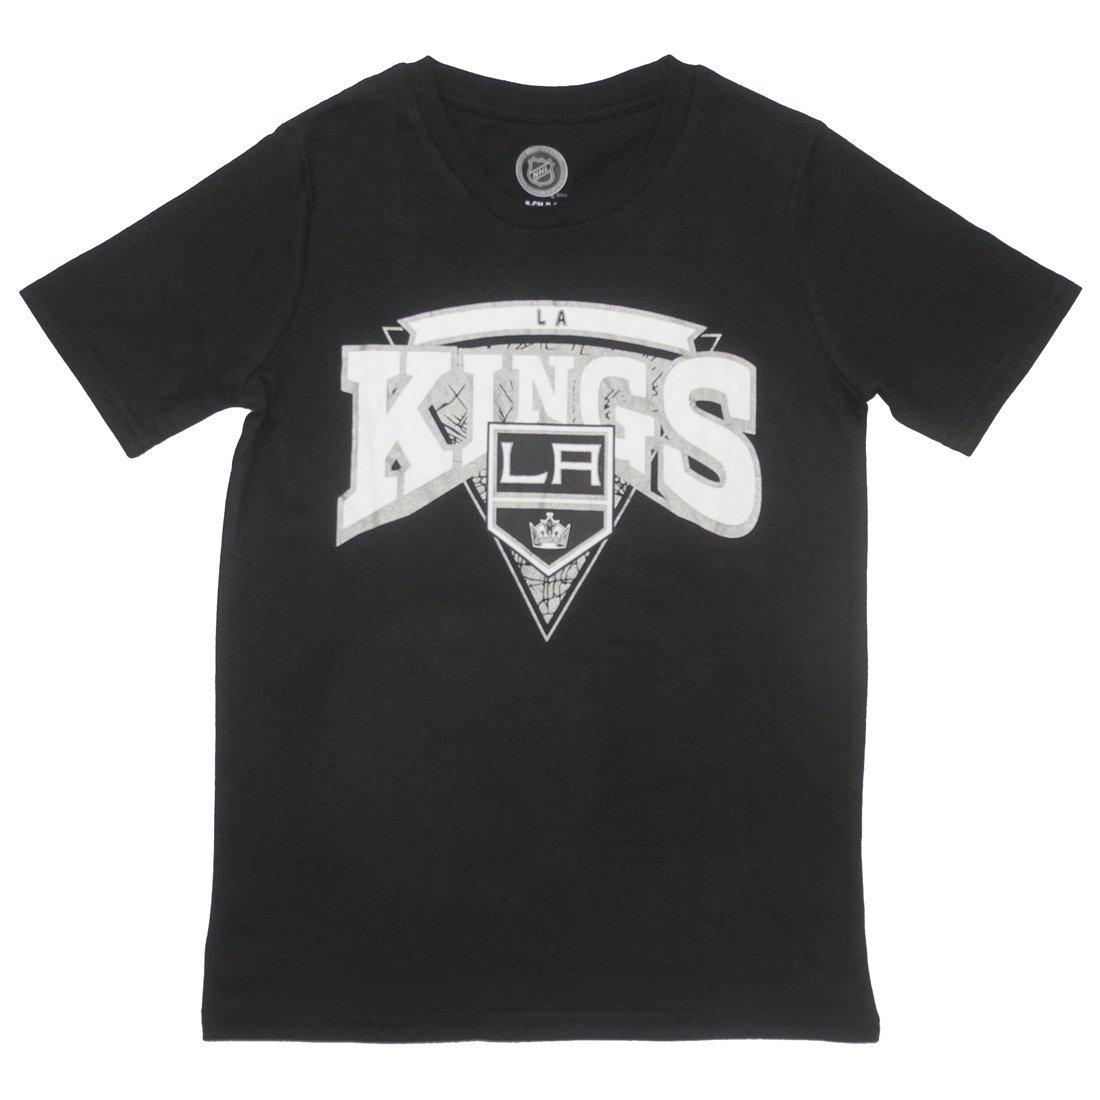 ユースNHLアスレチッククルーネック半袖Tシャツ: Los Angeles Kings S(8) ブラック B01NACJ8WP